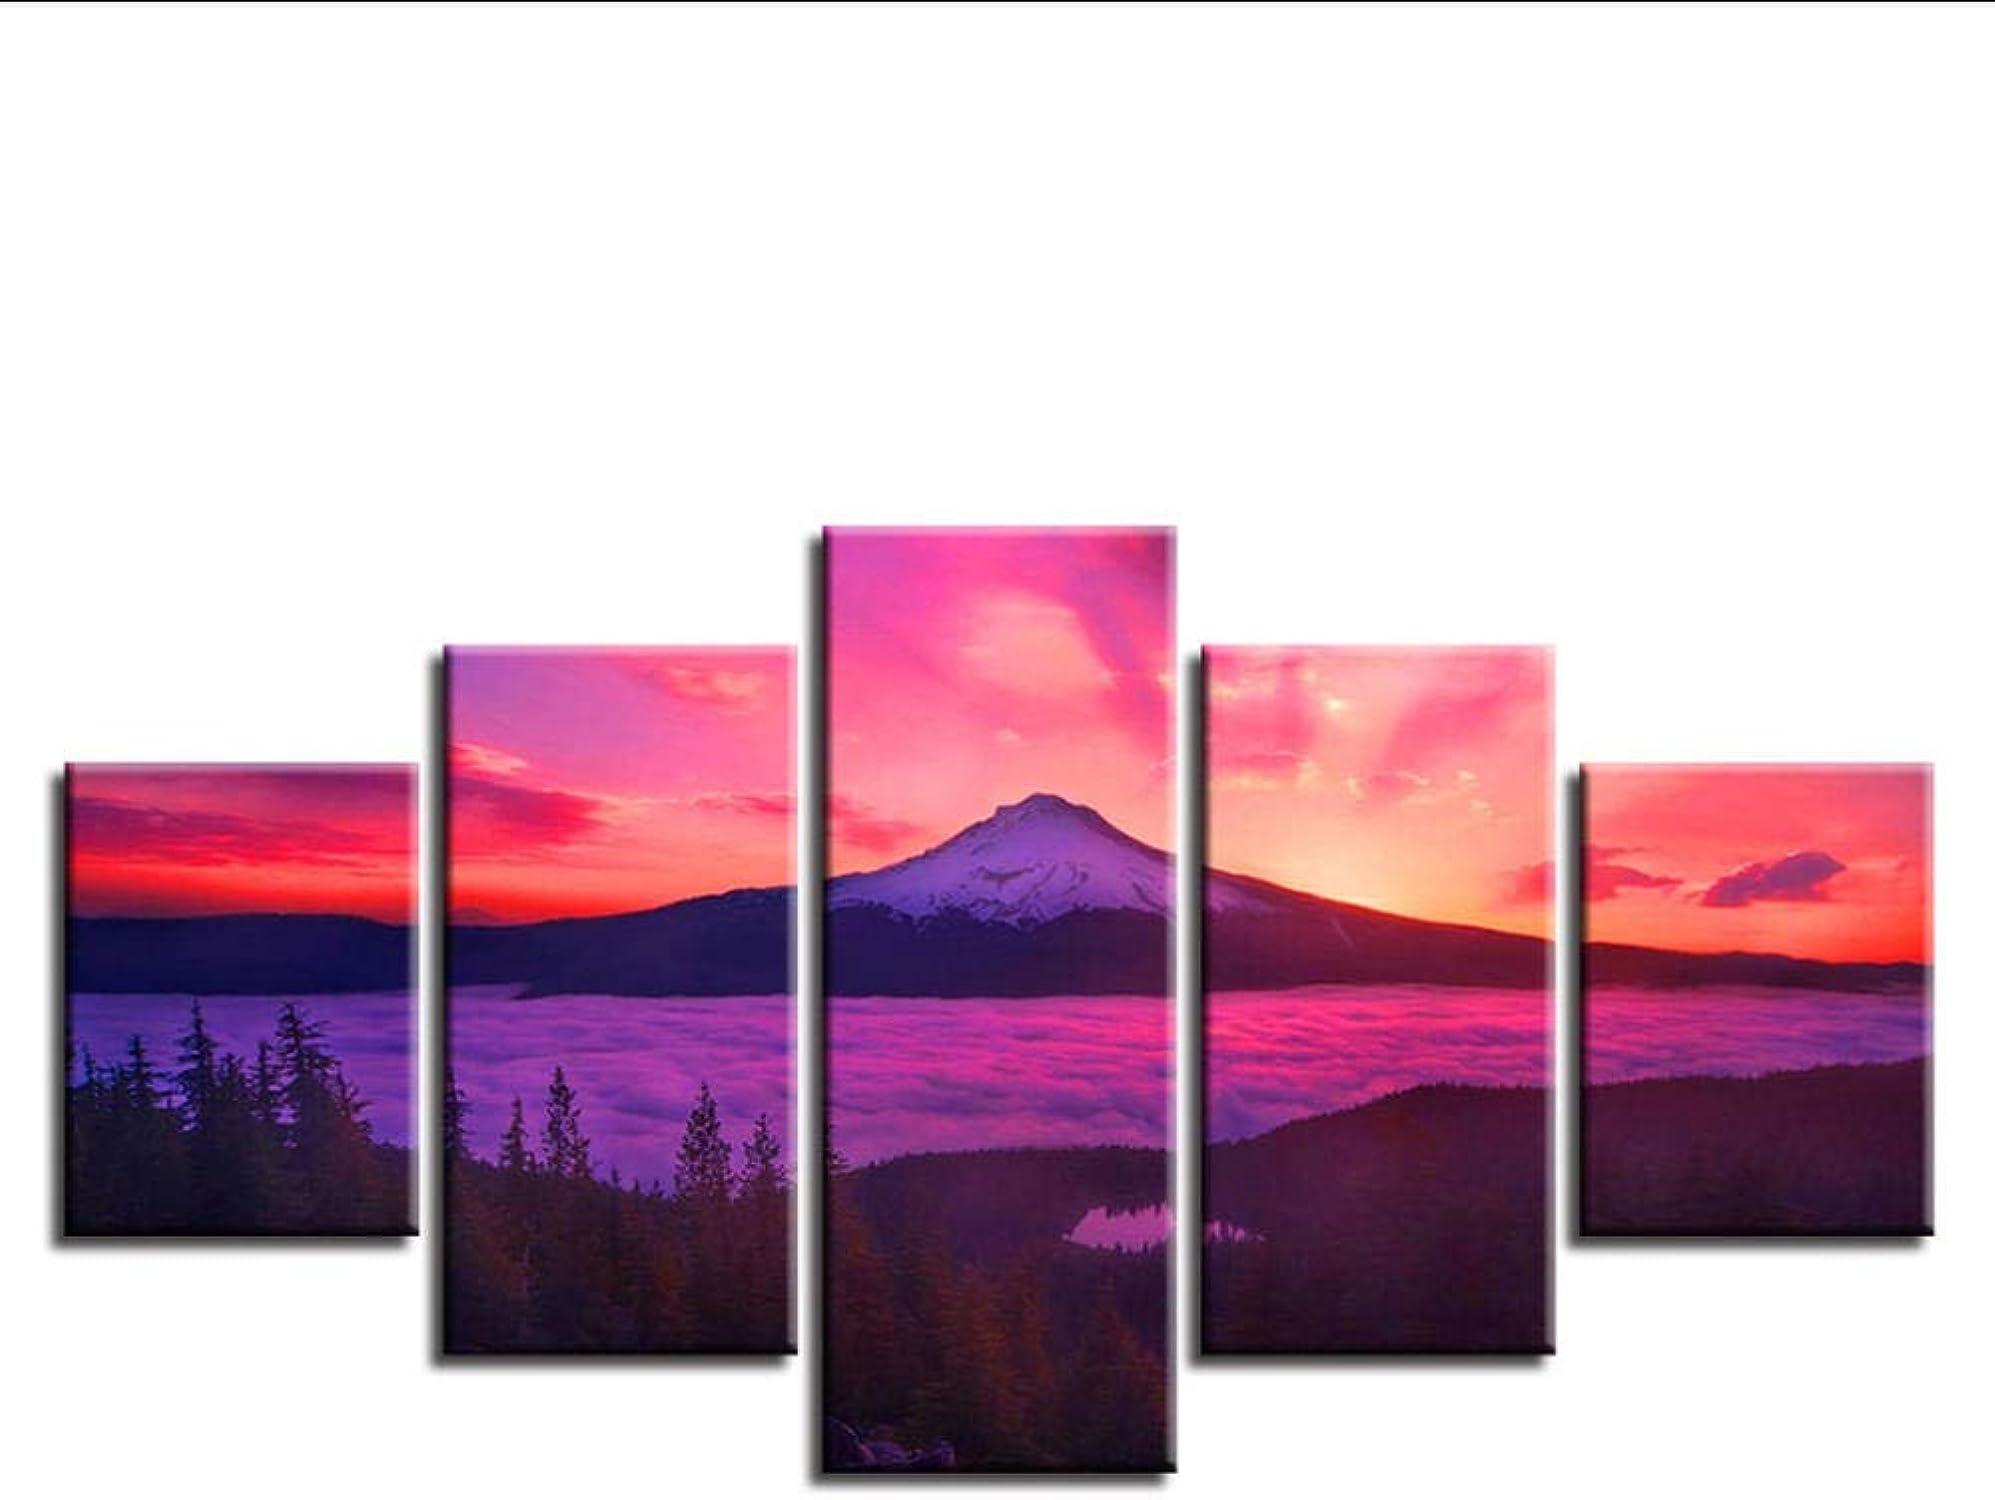 Wsxxnhh Cuadro En Lienzo Tejido No Tejido Moderno 5 Piezas Amanecer Nieve Montaña Paisaje Lienzo Pintura HD Imprime Póster-con Marco